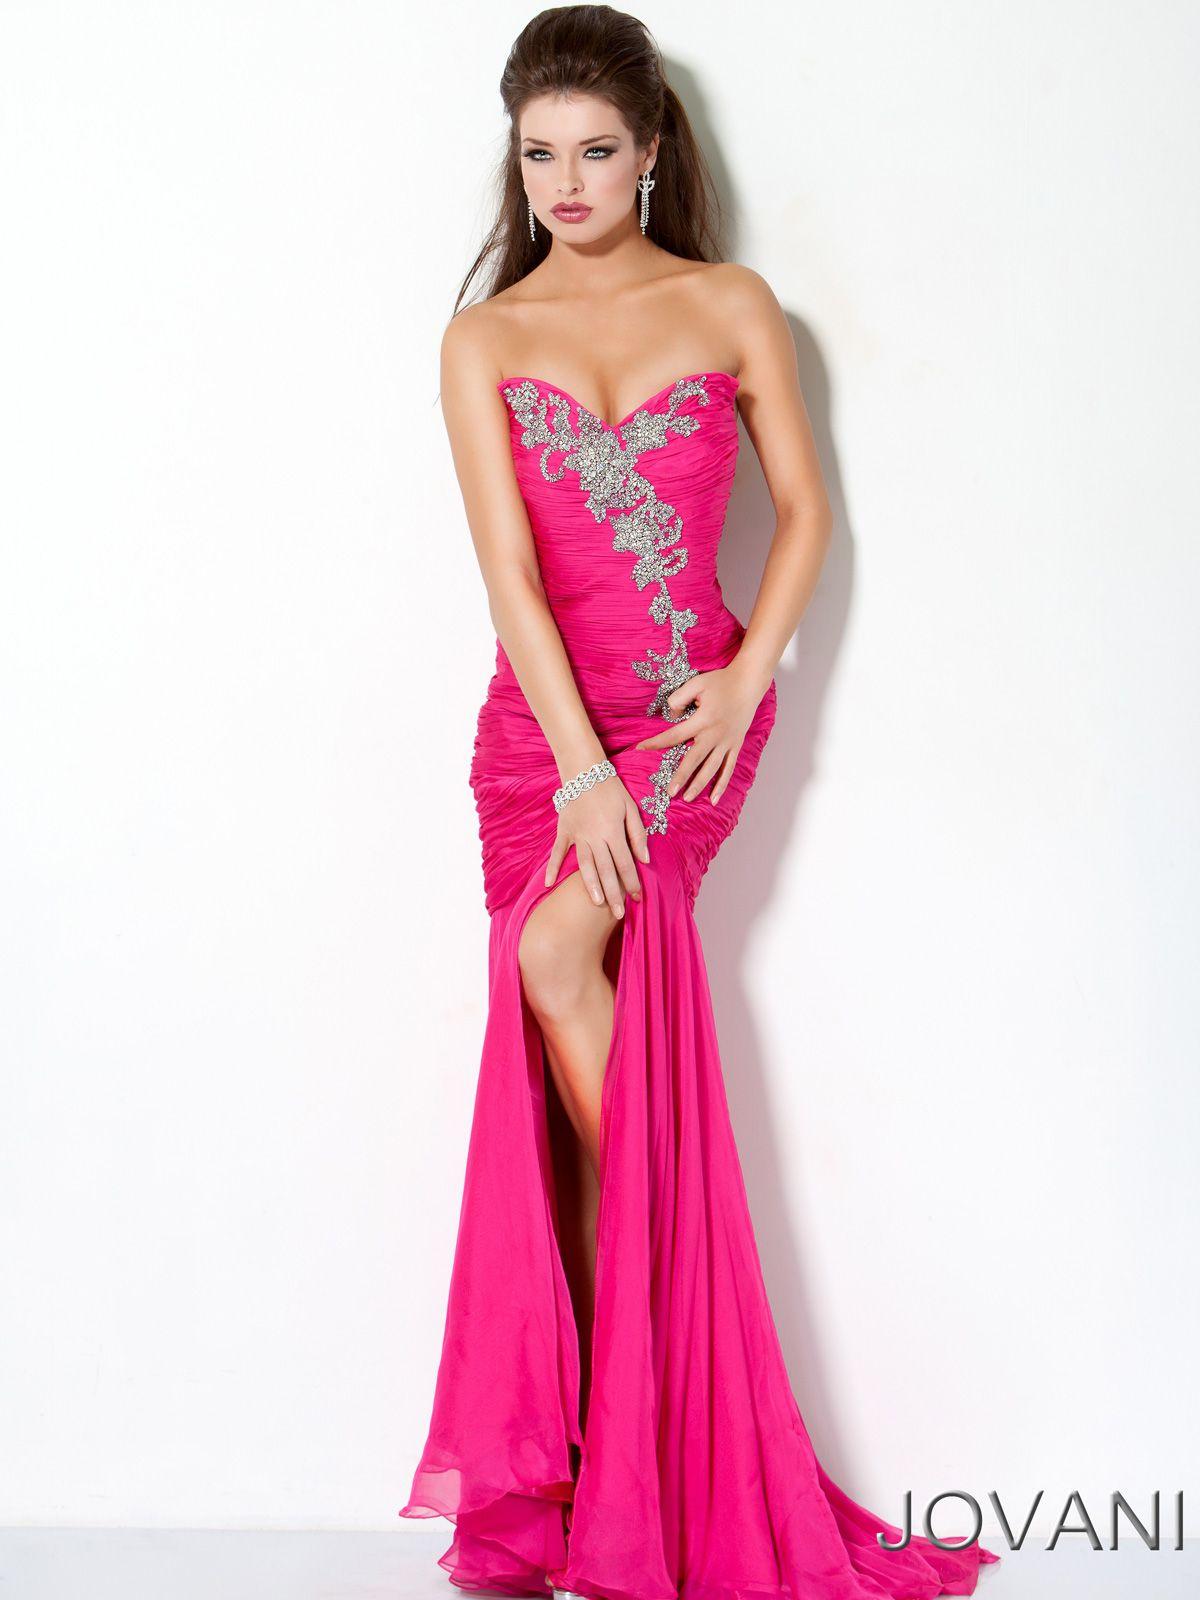 Encantador Jovani 2014 Vestidos De Fiesta Adorno - Colección de ...